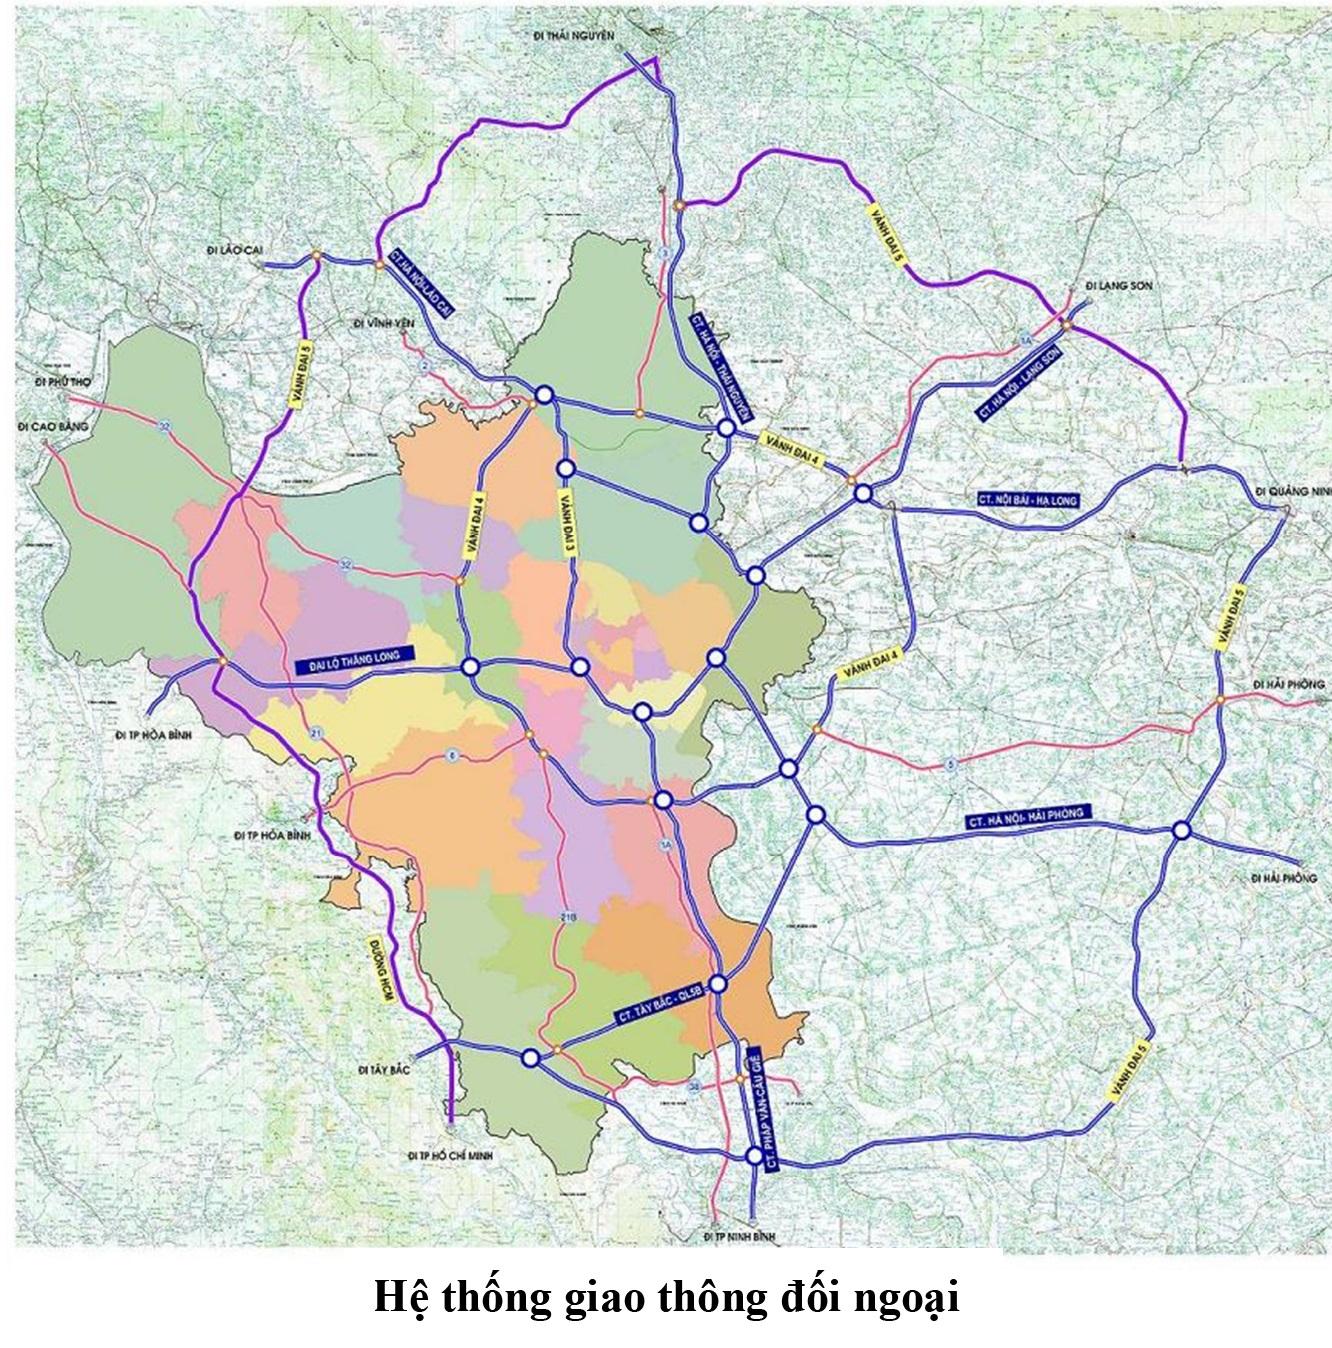 Mạng lưới giao thông ngoại đô thị Hà Nội